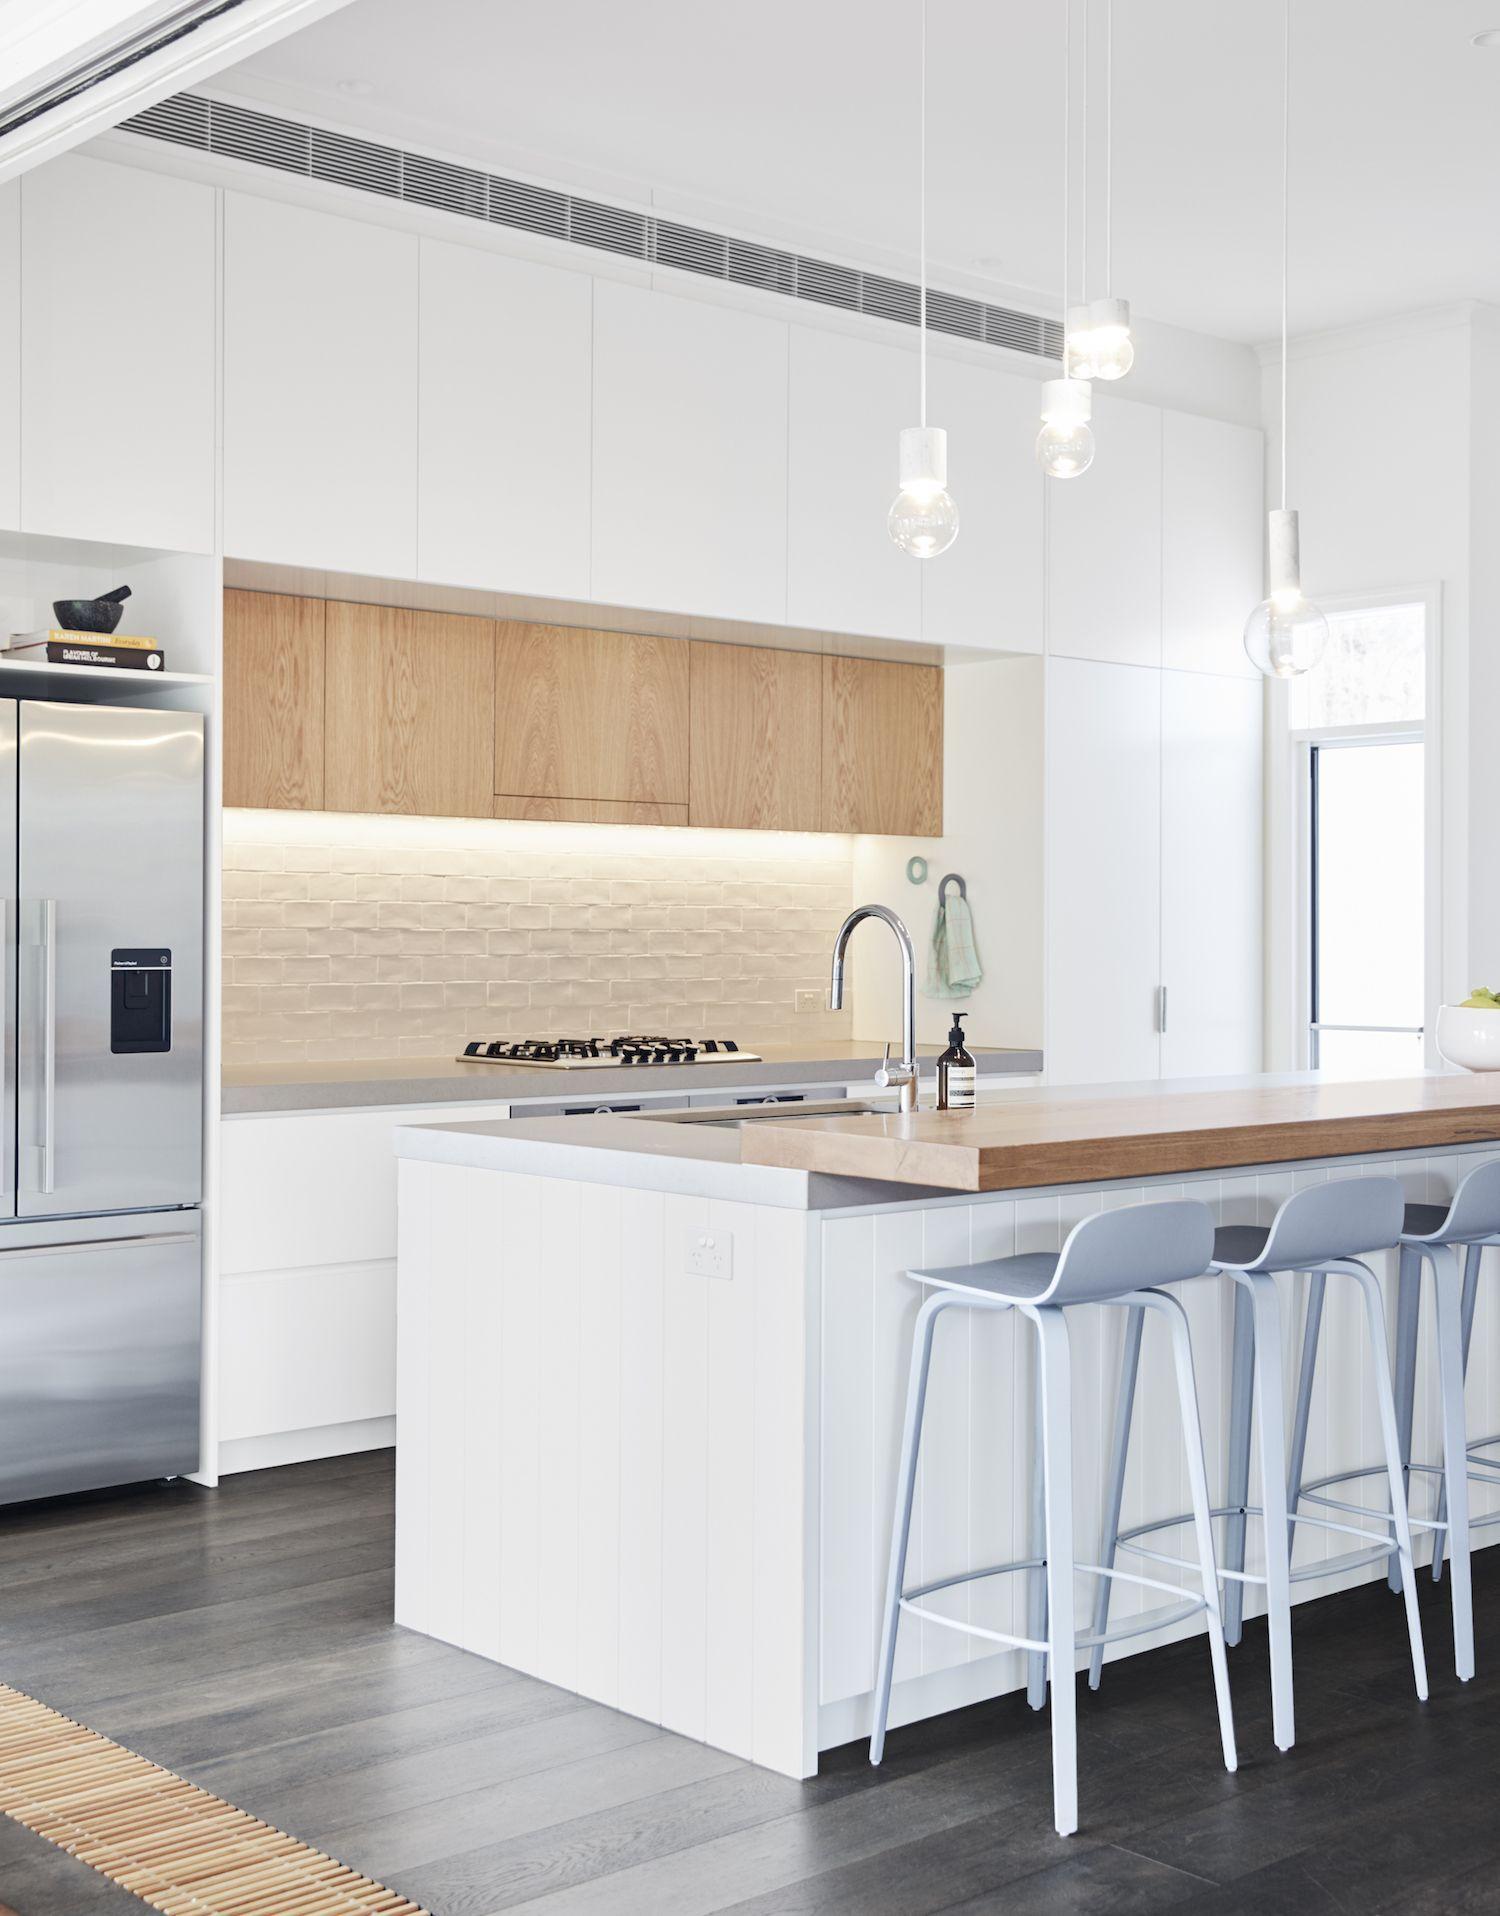 6 masterful hacks minimalist bedroom men simple minimalist kitchen blue subway tiles minimalist bedroom gold home minimalist kitchen blue subway tiles